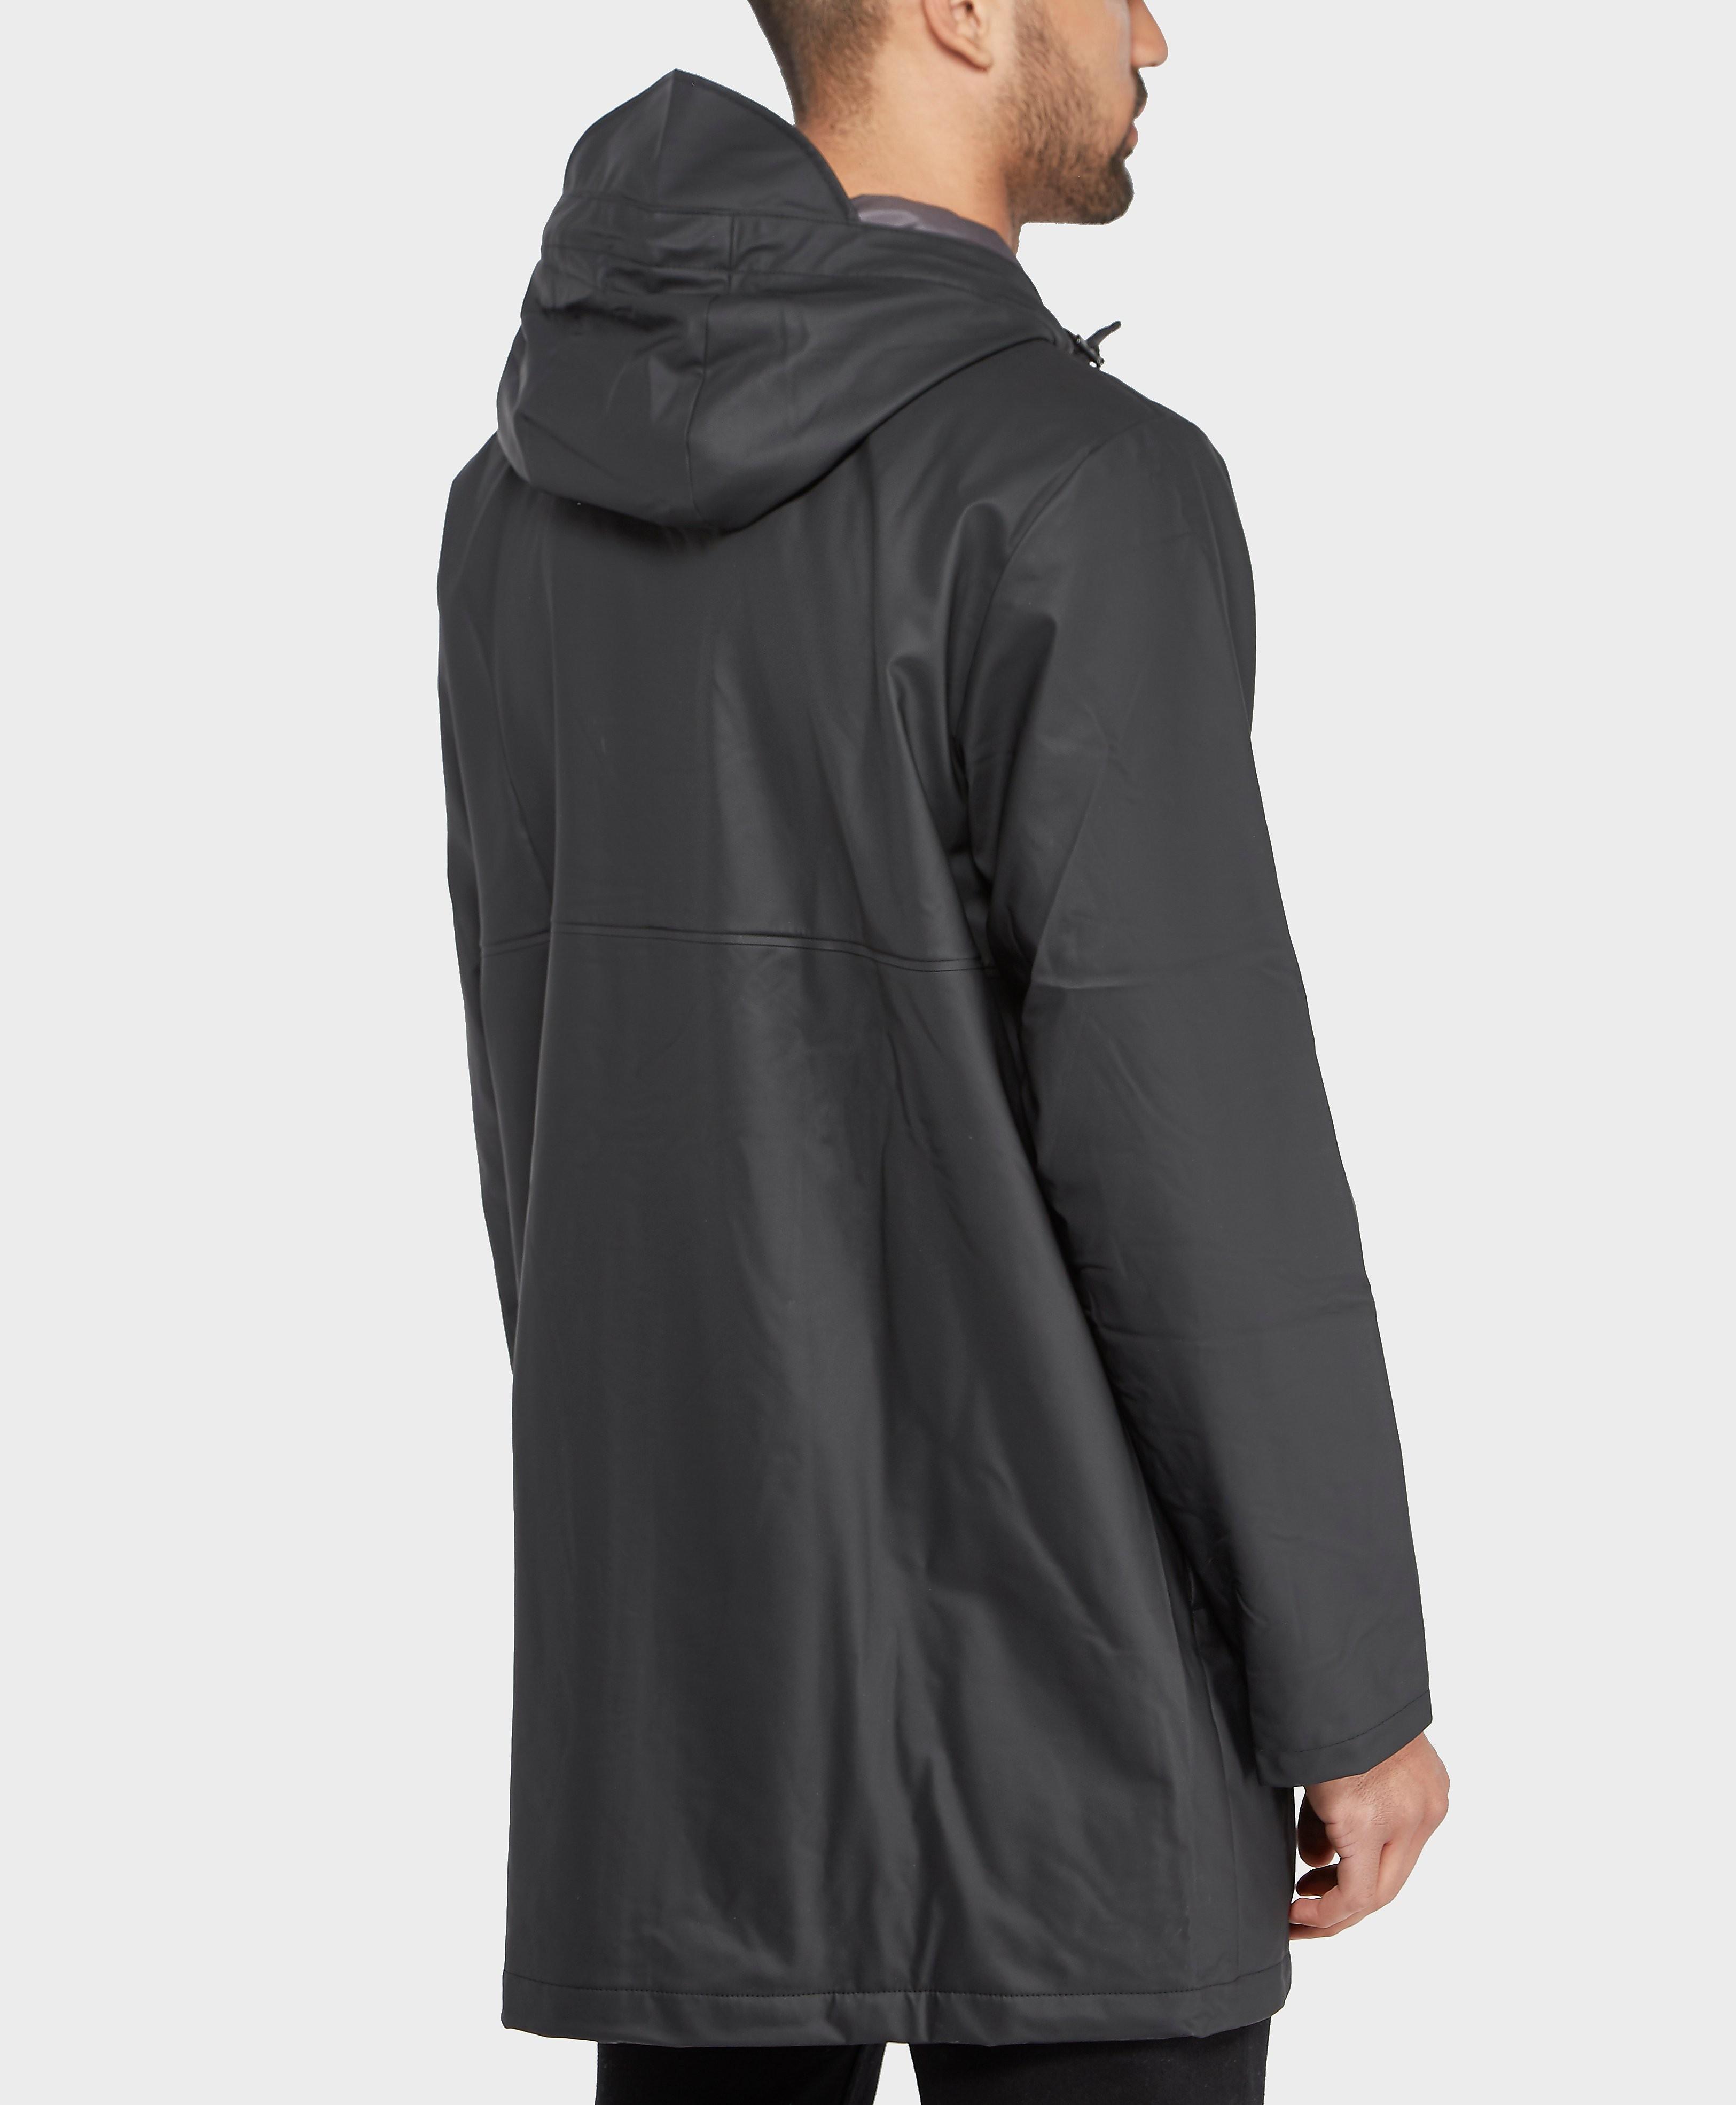 RAINS Mile Jacket